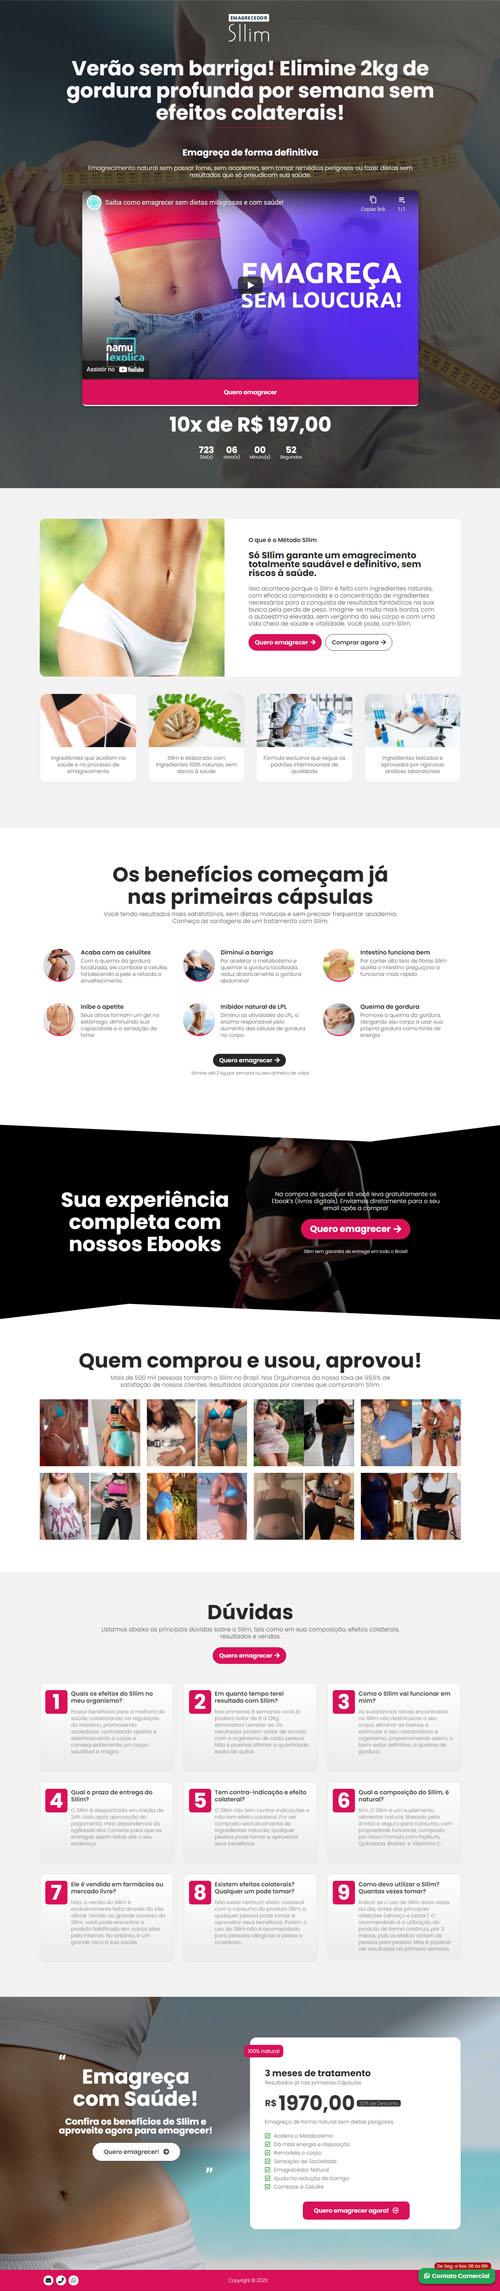 Página inicial Sllim- Modelo de landing page para vendas de produtos